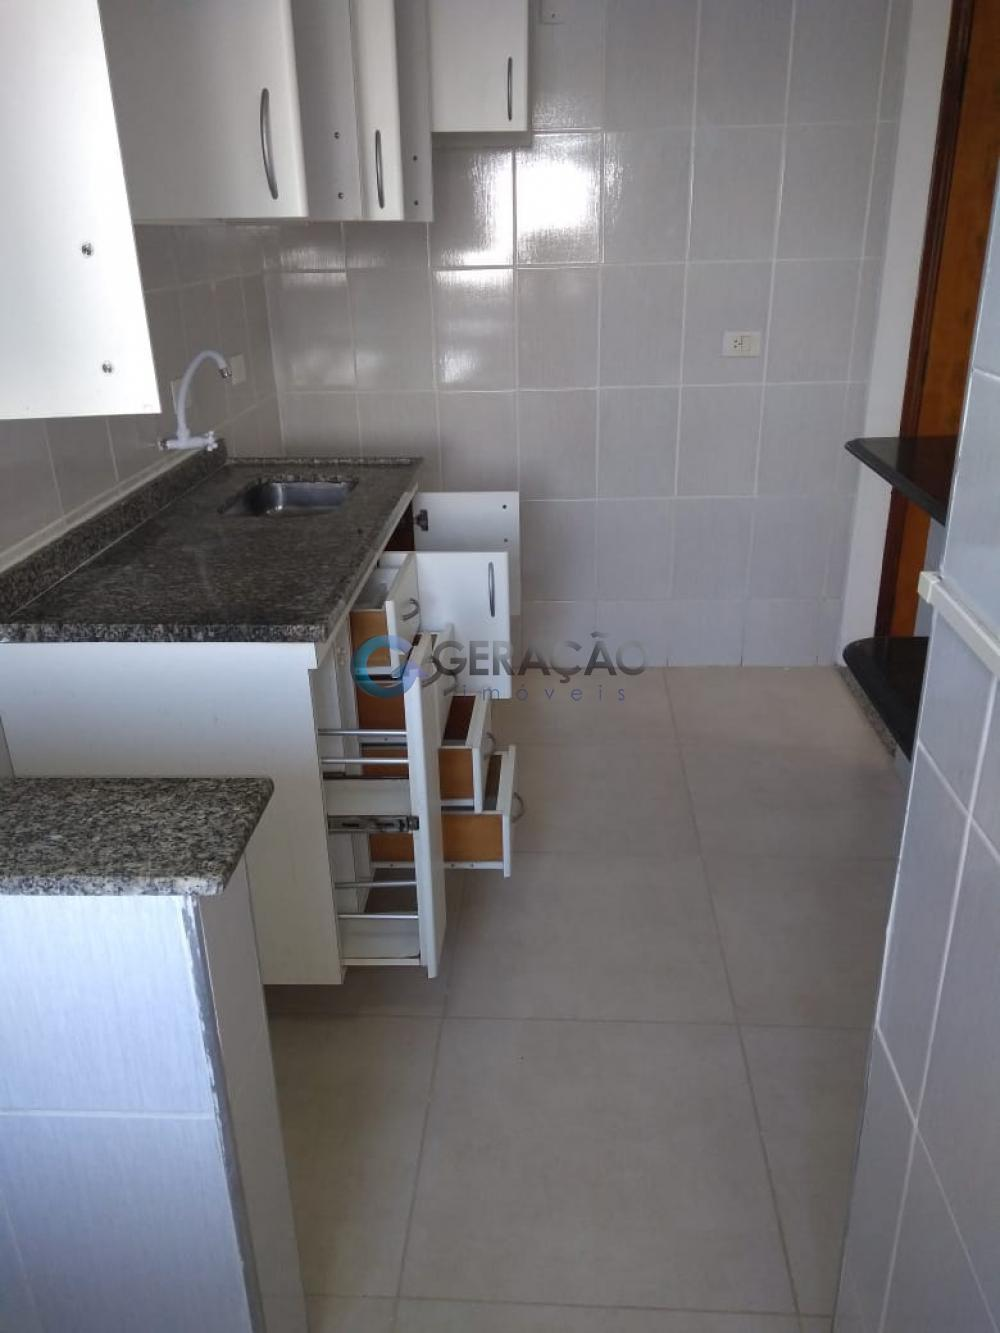 Comprar Apartamento / Padrão em São José dos Campos R$ 265.000,00 - Foto 1